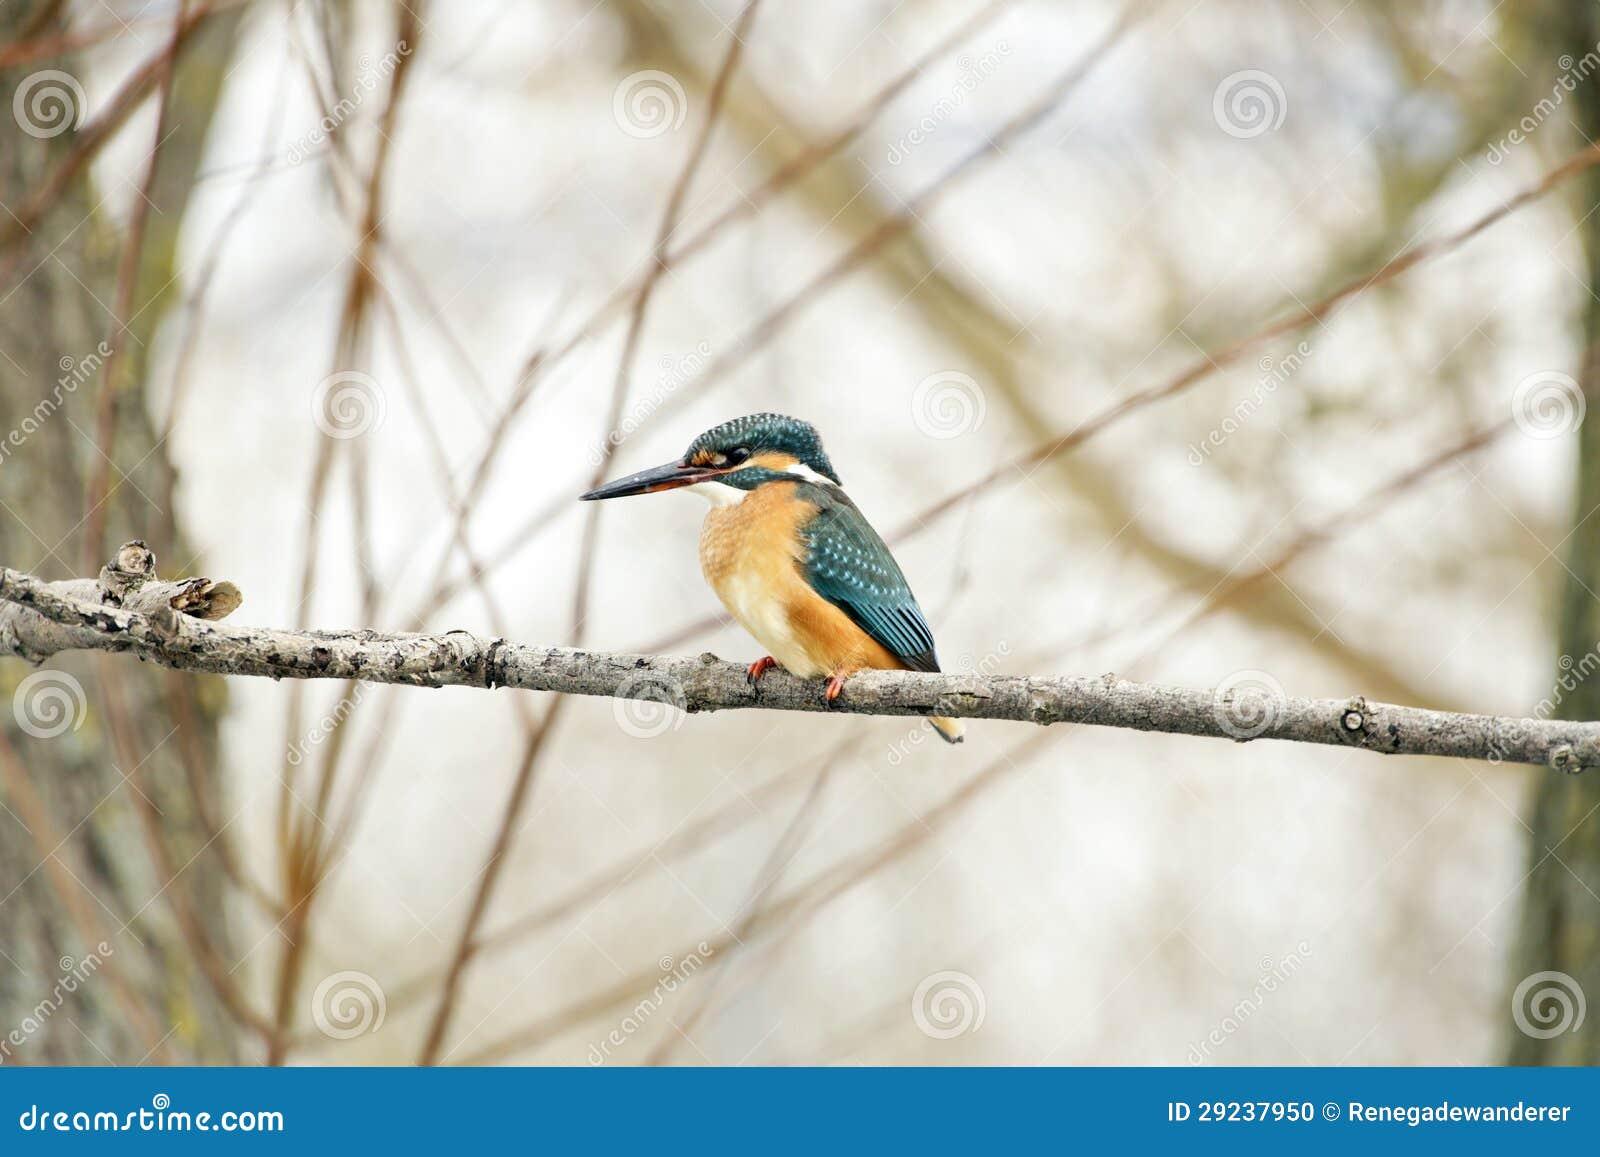 Download Martinho pescatore comum foto de stock. Imagem de plumage - 29237950